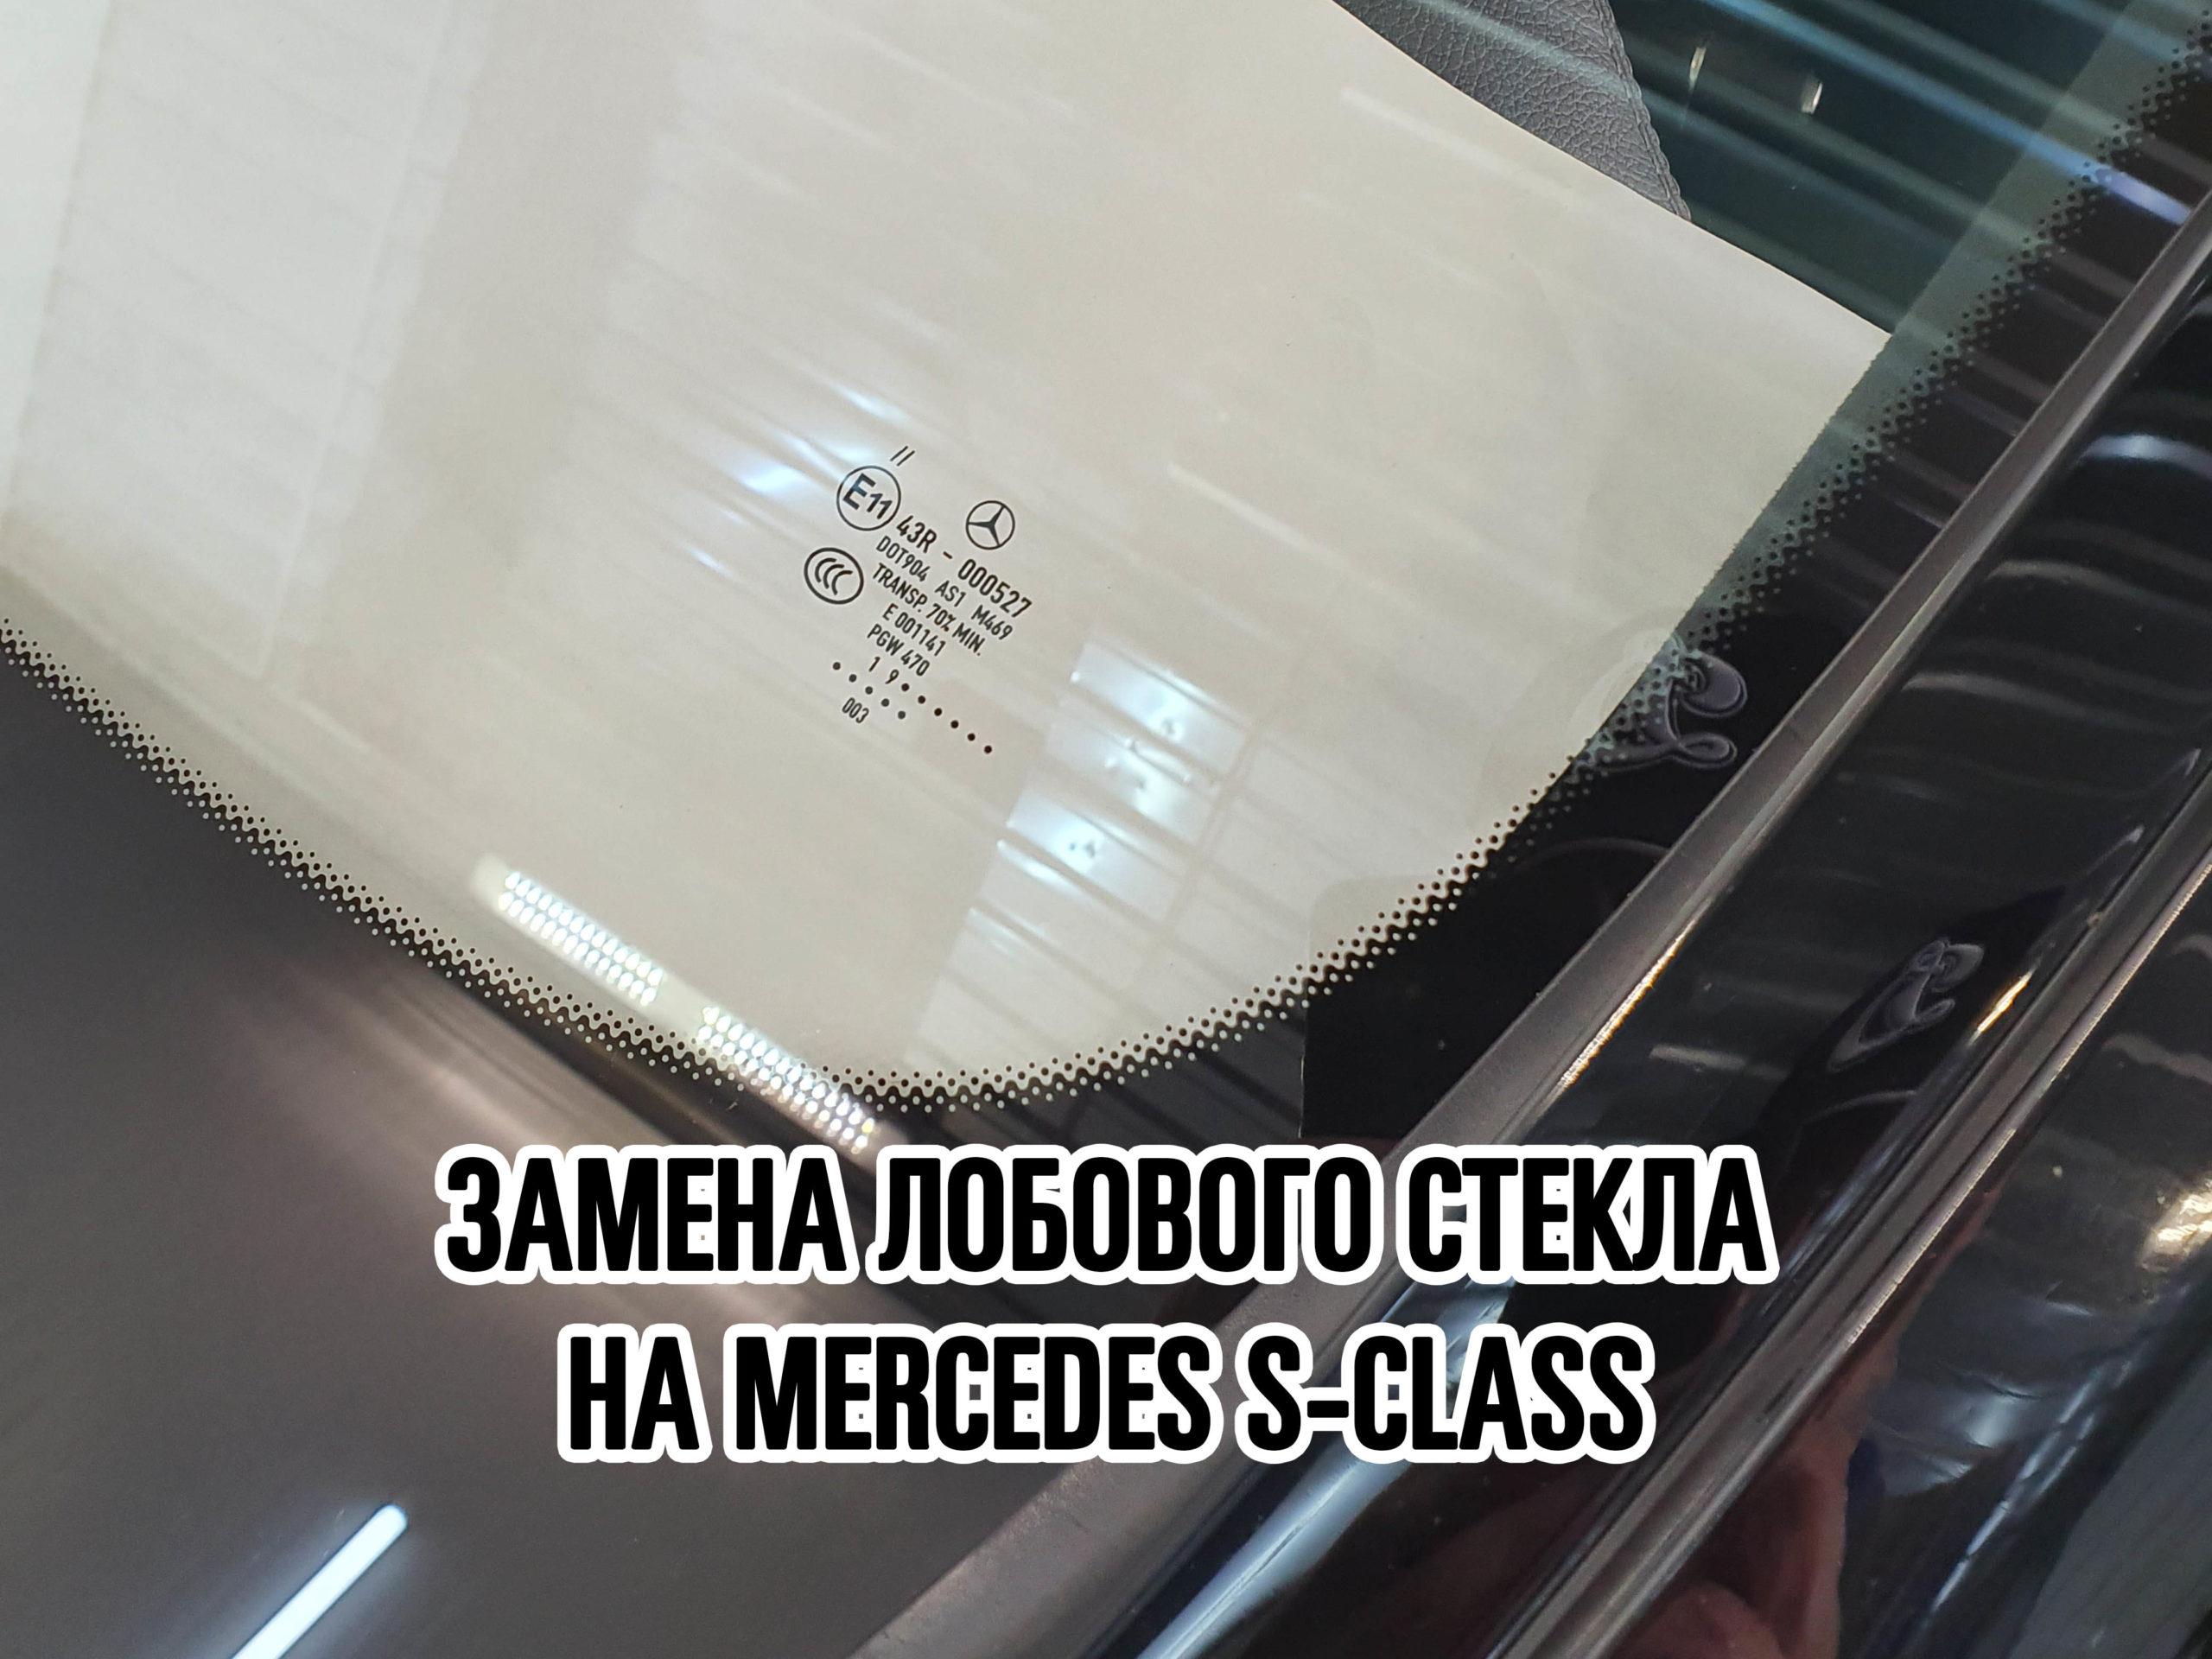 Лобовое стекло на Mercedes S-Class купить и установить в Москве